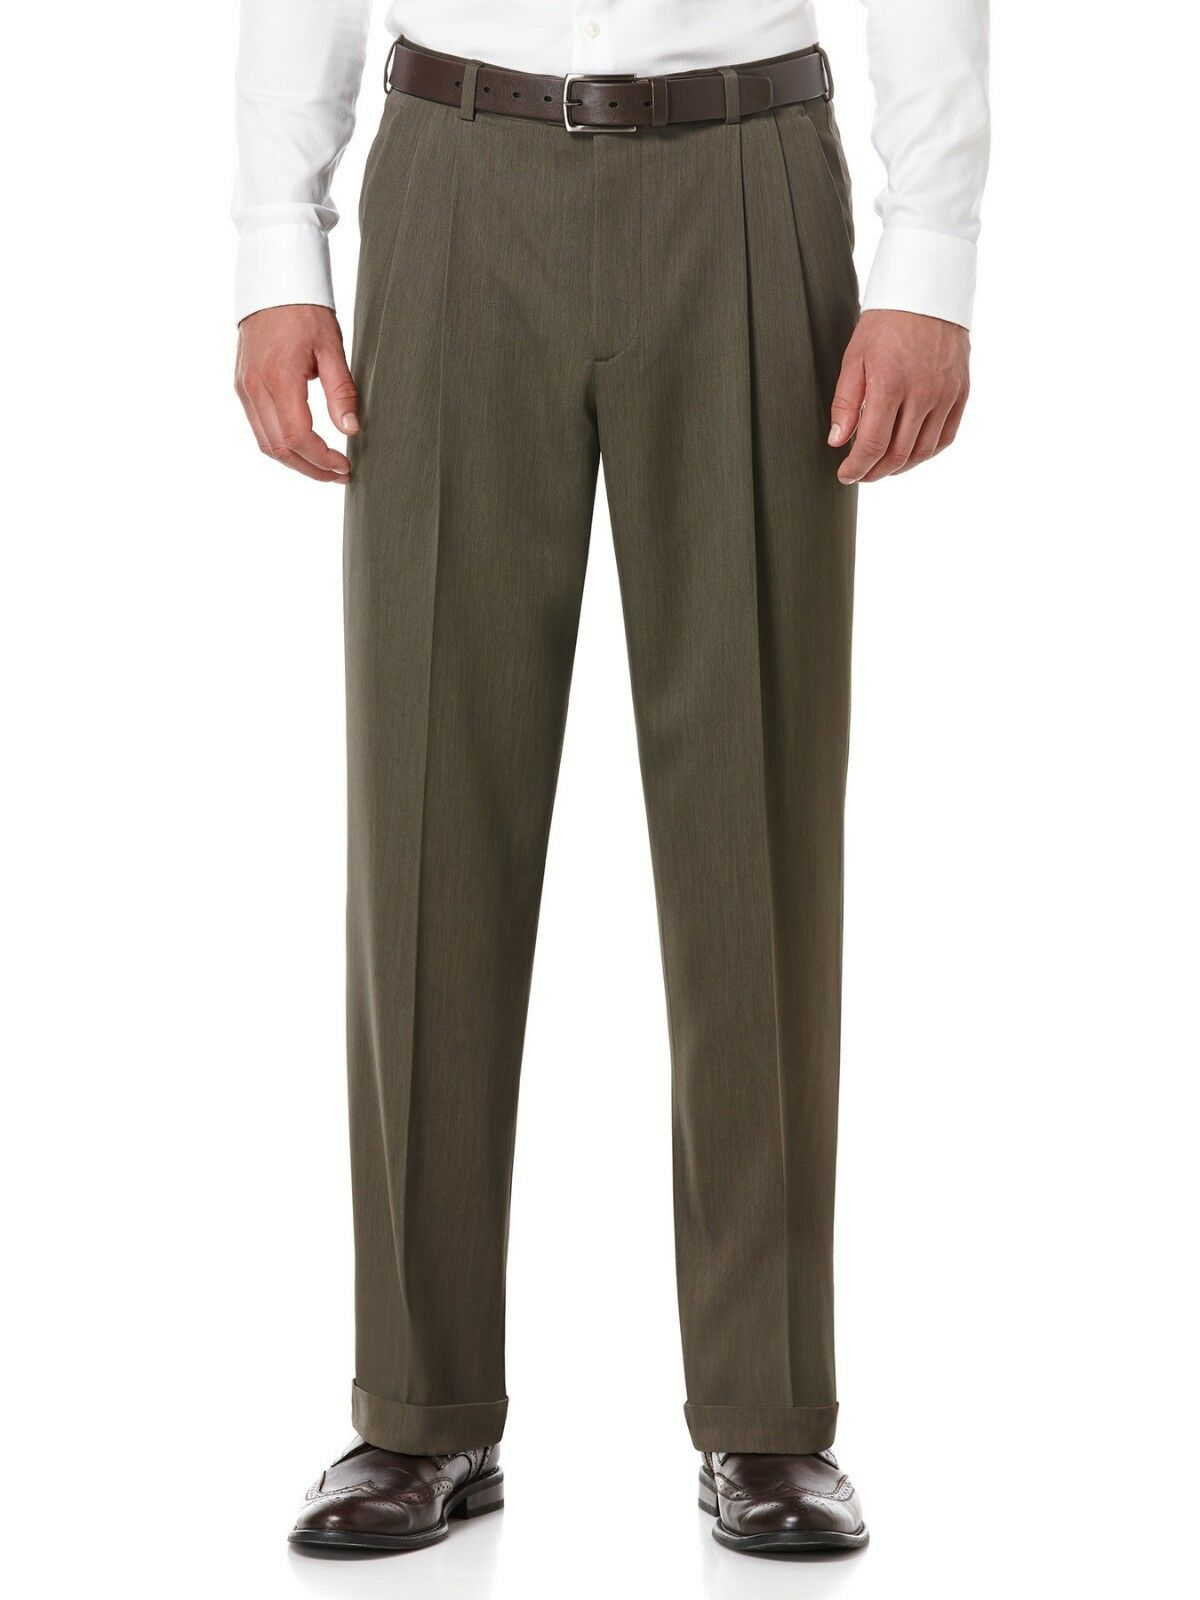 PERRY ELLIS PORTFOLIO men BROWN FIT PLEATED FRONT DRESS PANTS 32 W 32 L